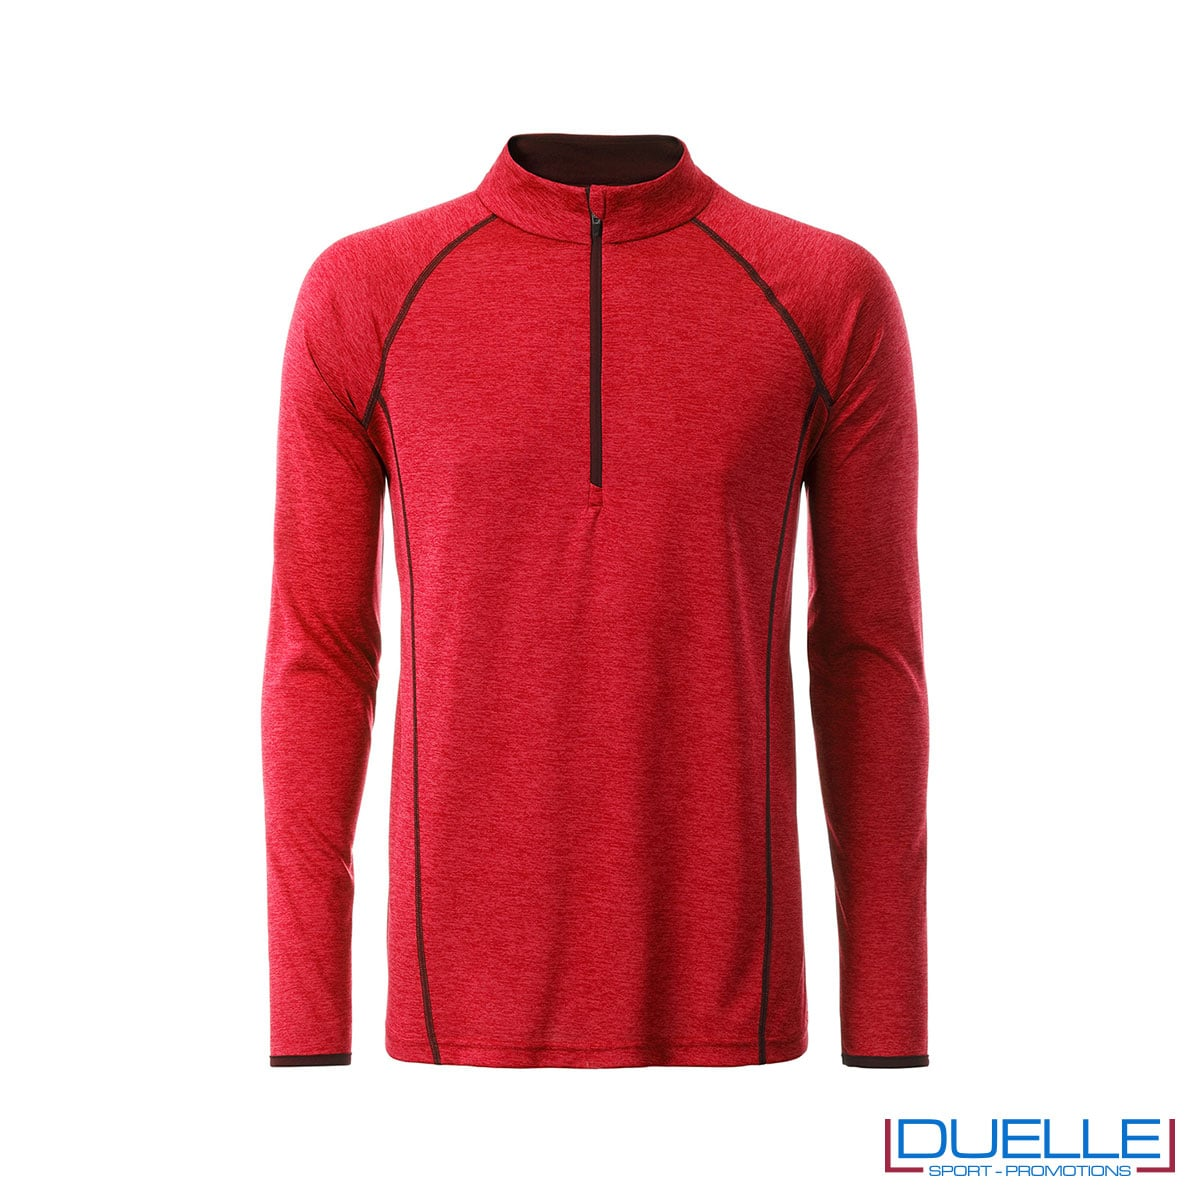 T-shirt manica lunga con zip colore rosso melange personalizzata